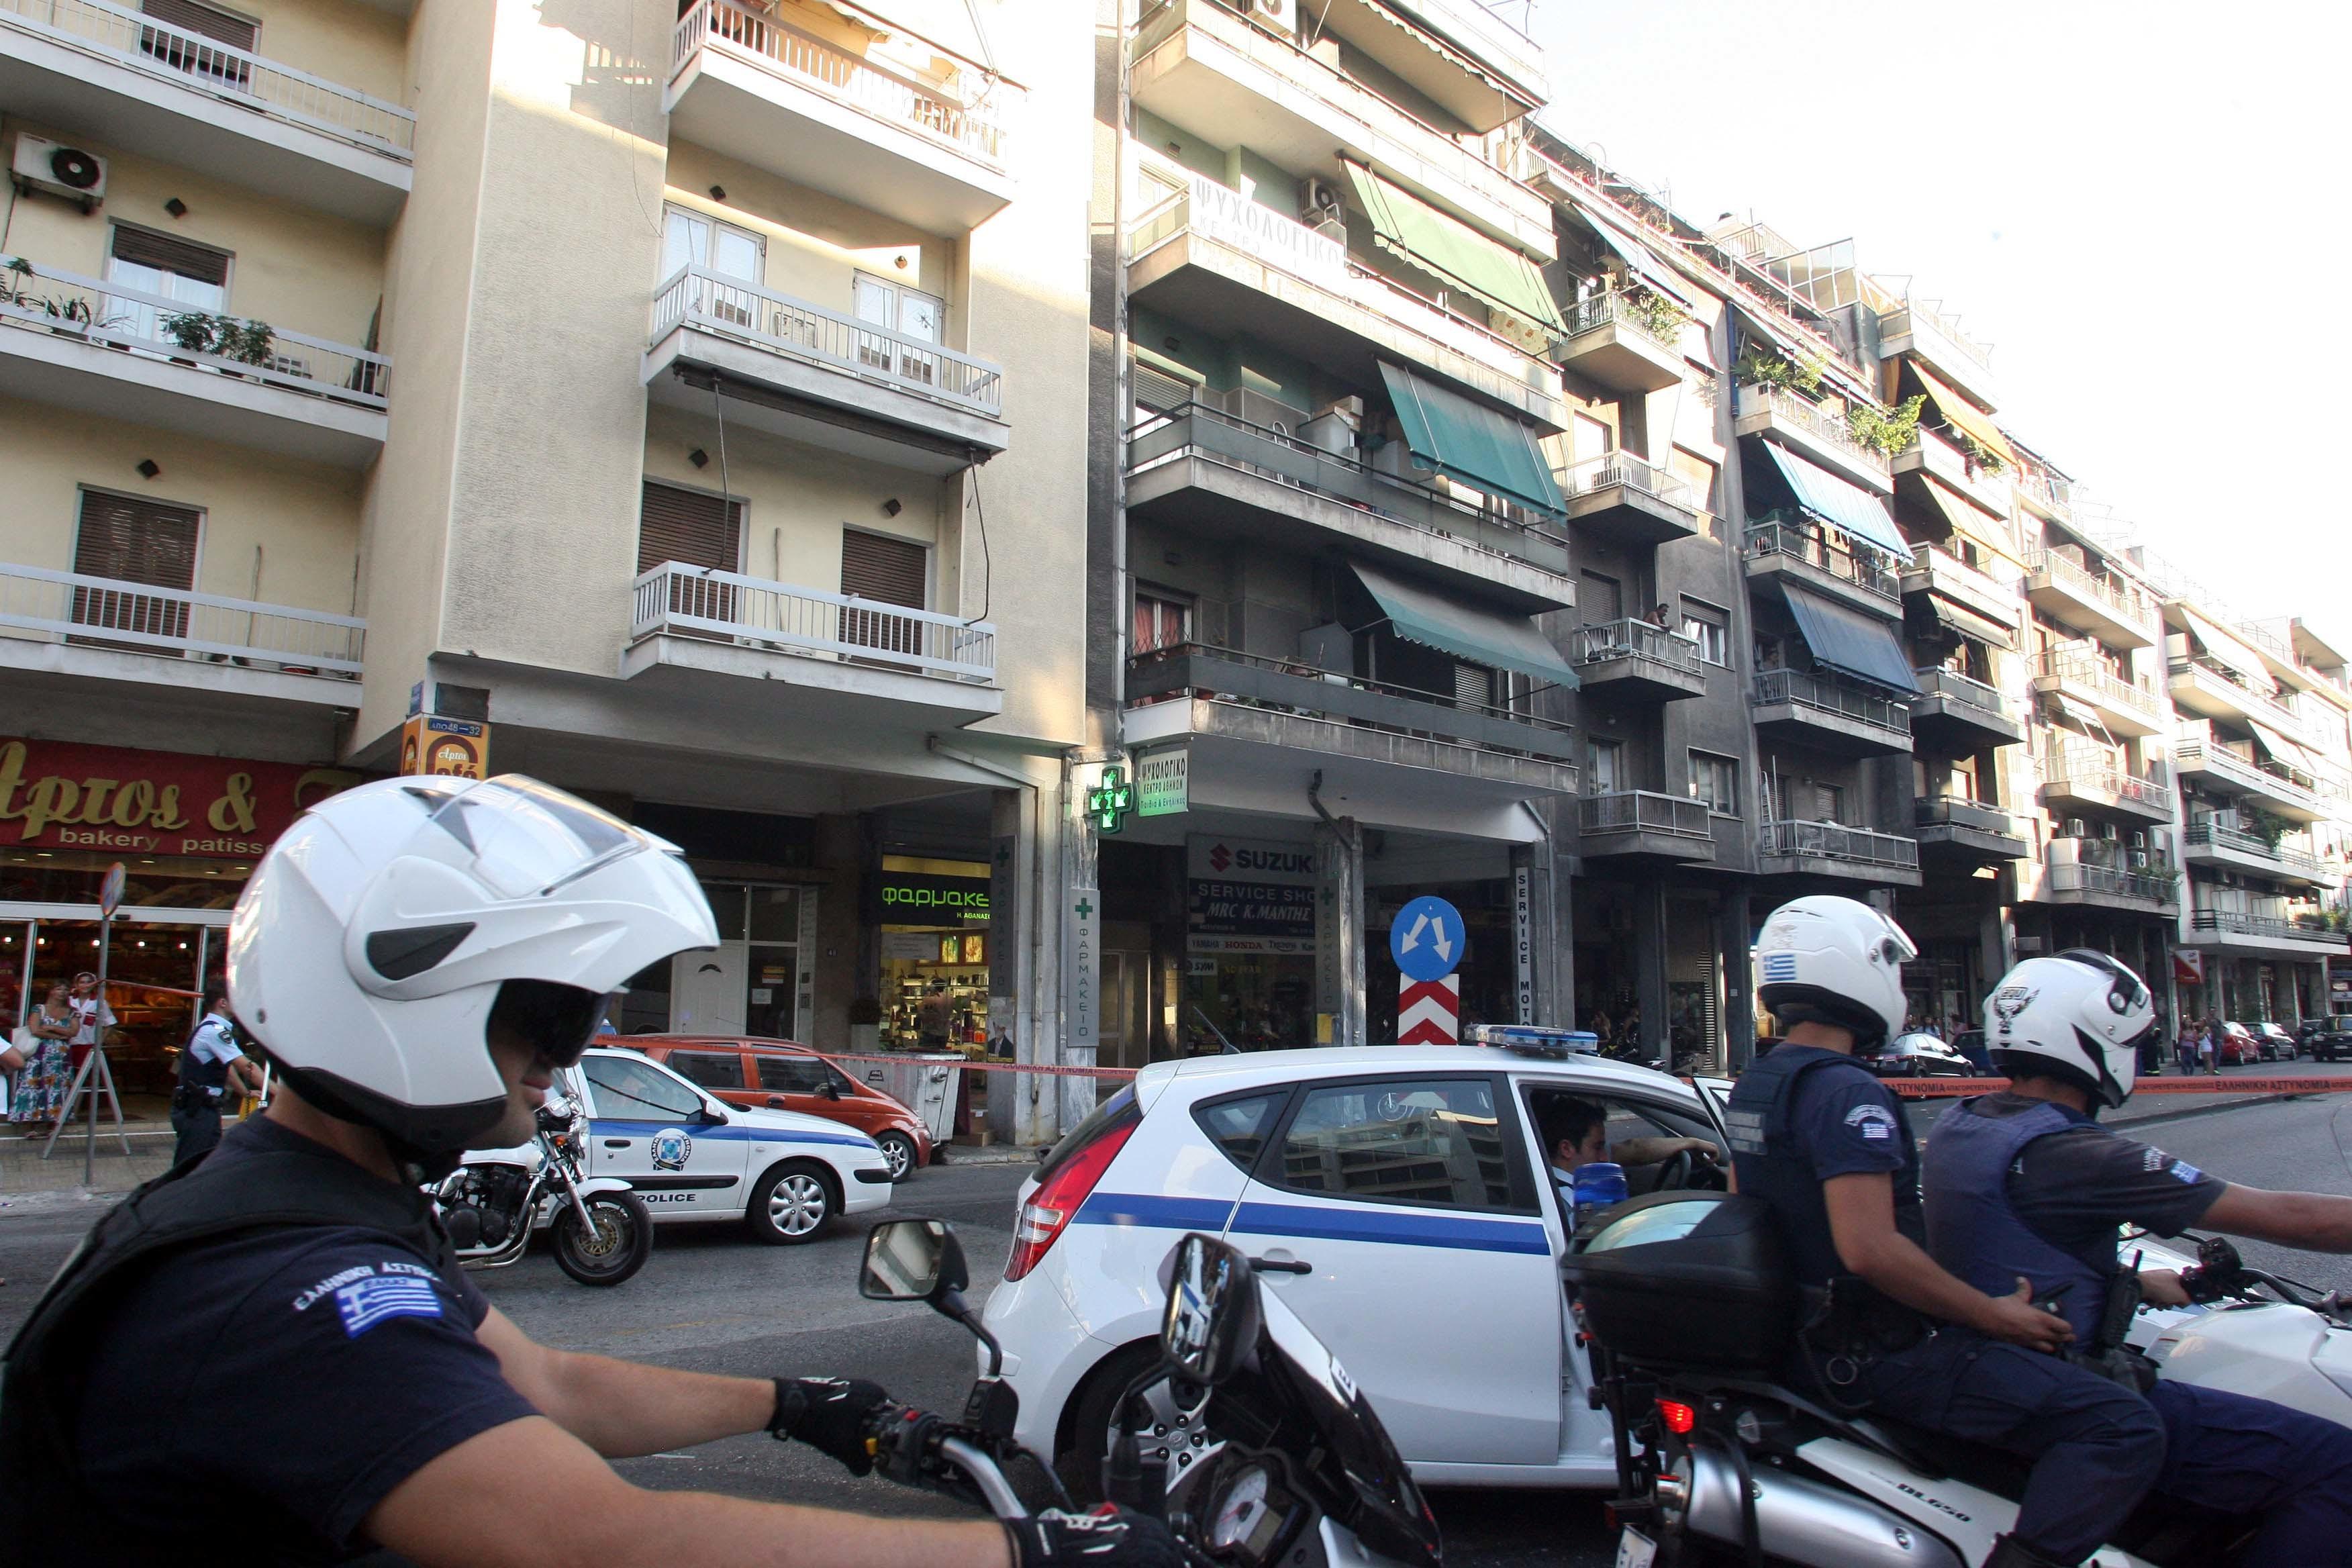 Άγριο σαφάρι: Συλλήψεις και πρόστιμα για ανοιχτά μαγαζιά, παραβίαση κυκλοφορίας και μάσκες σε όλη τη χώρα